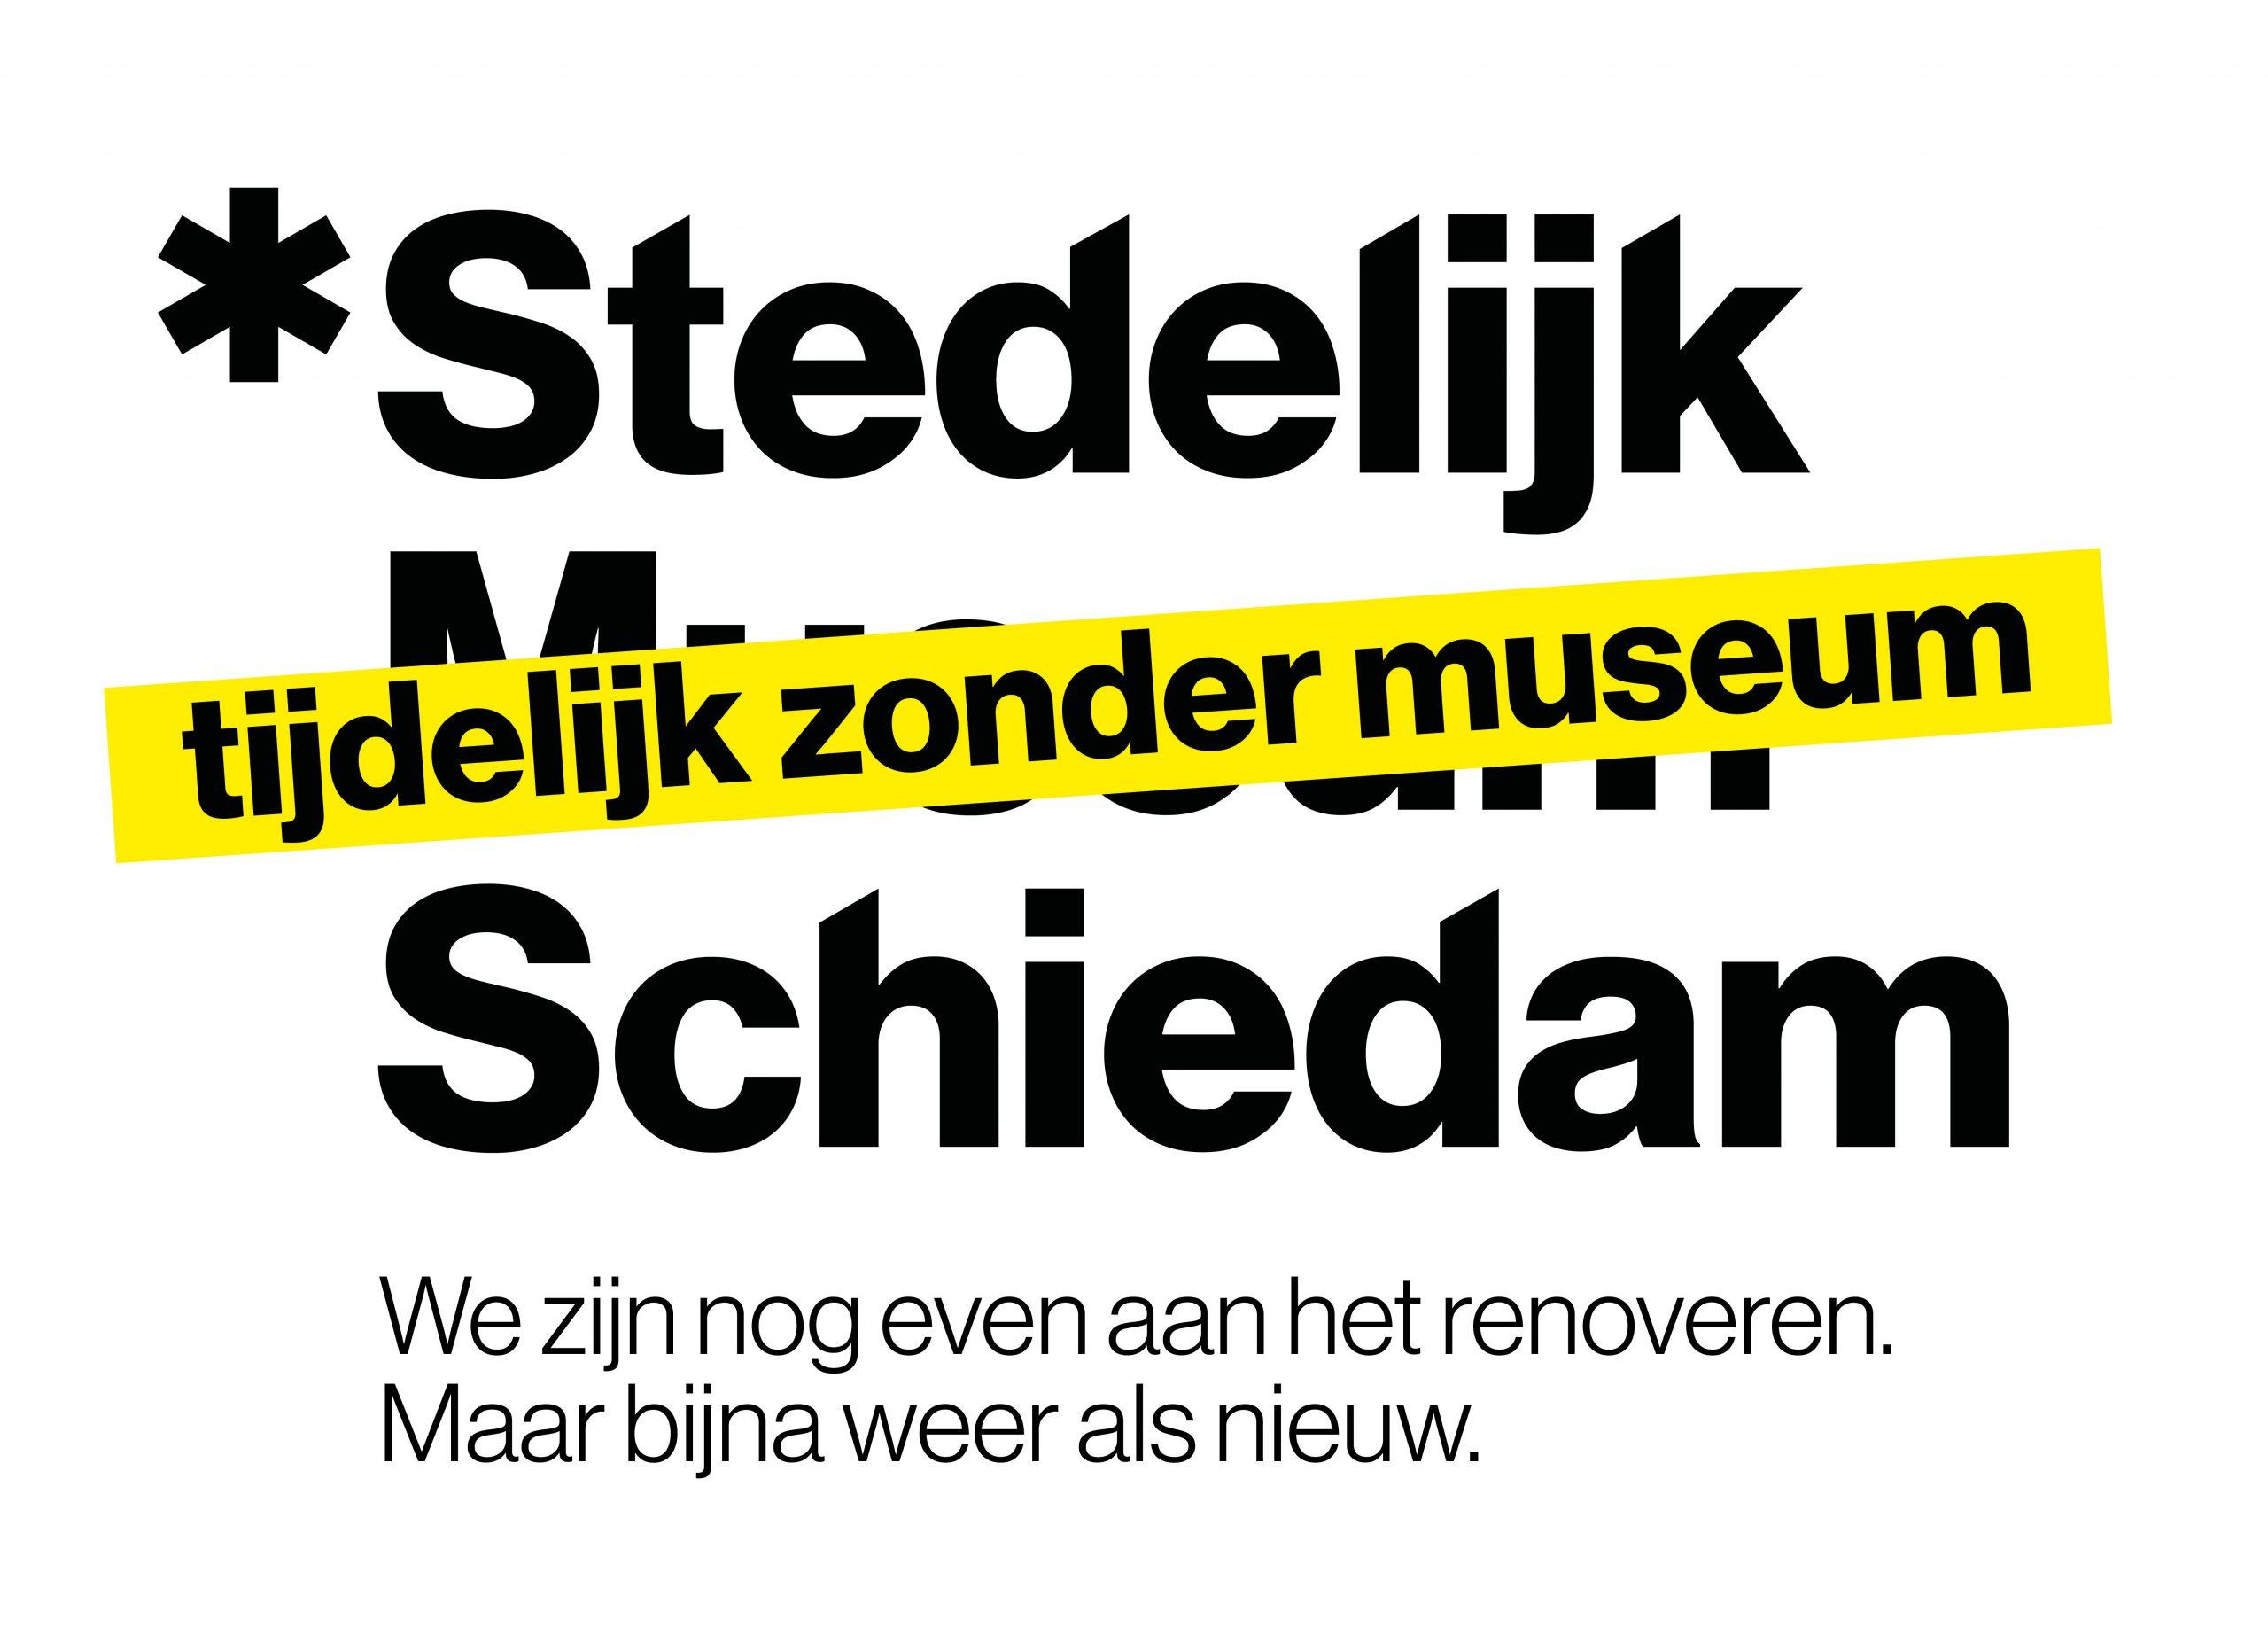 20201012_stedelijkmuseumschiedam_renovatielogo_onderregel2